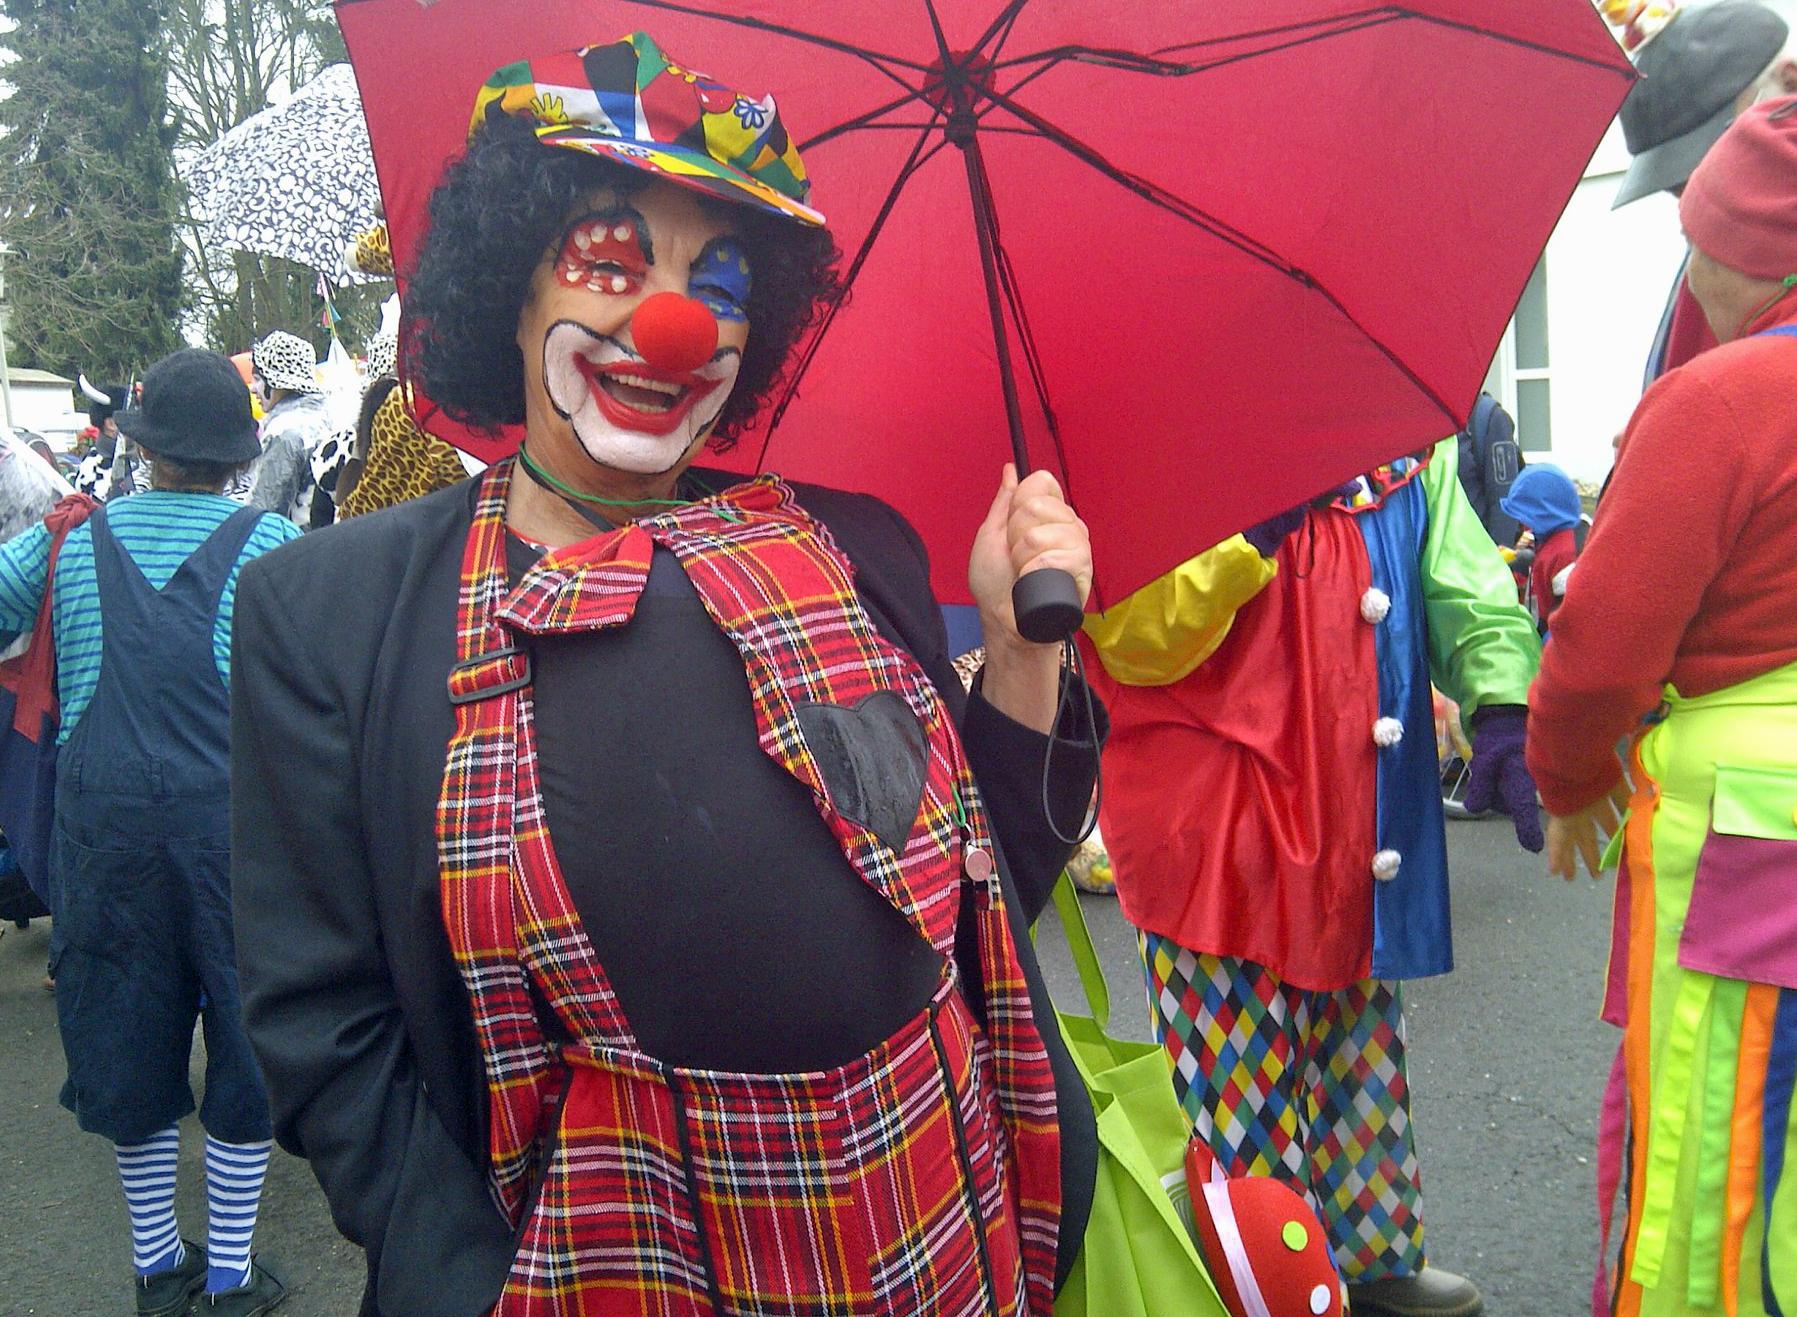 Schöner Clown mit rotem Schirm